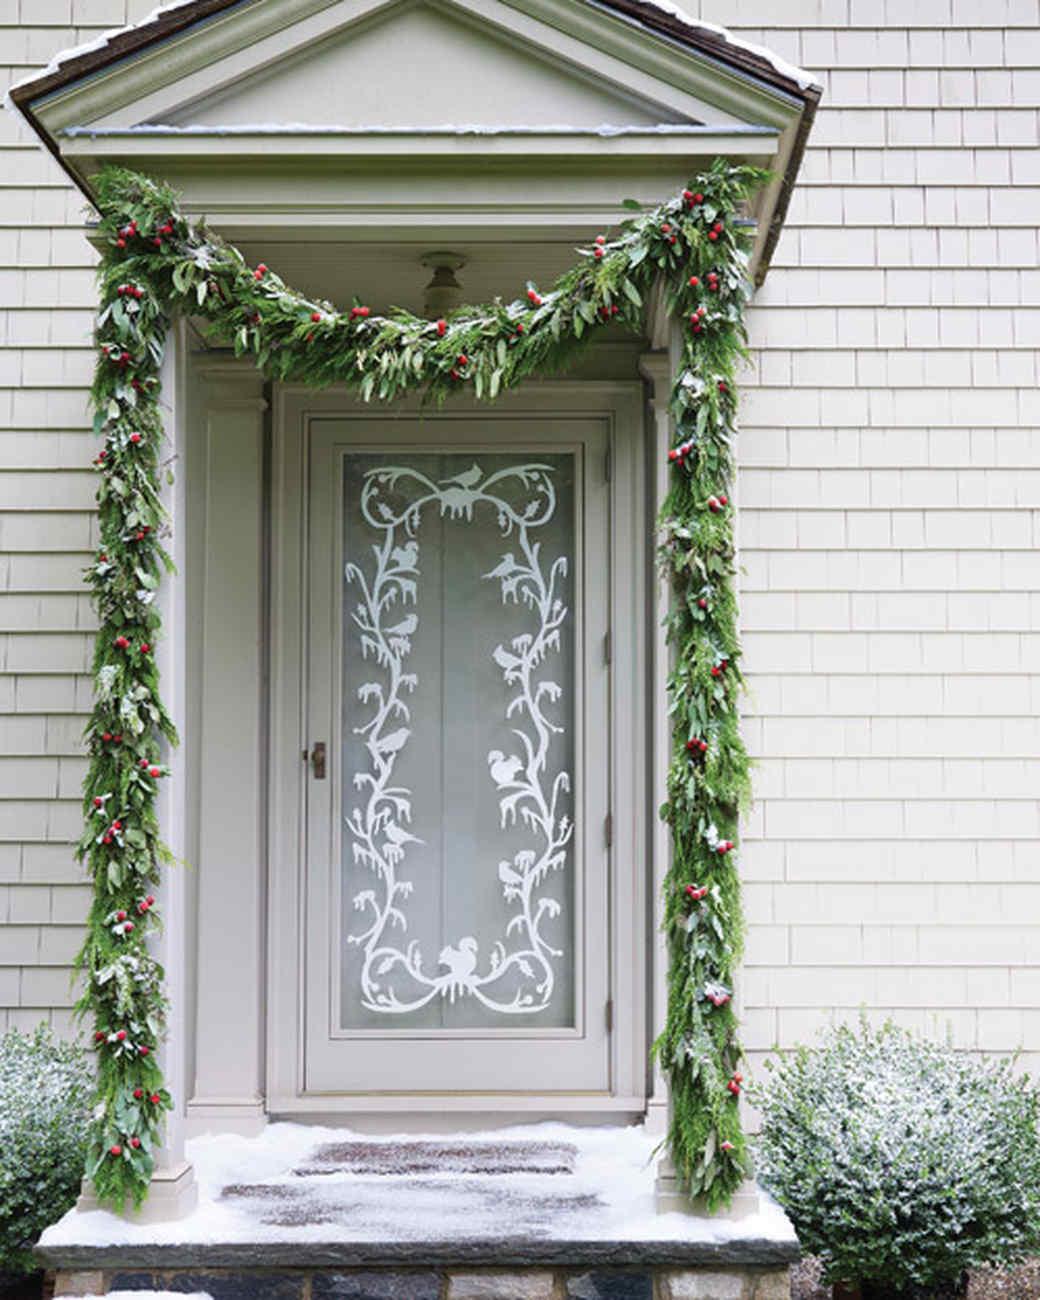 Winter Welcome Silhouette Door Decoration